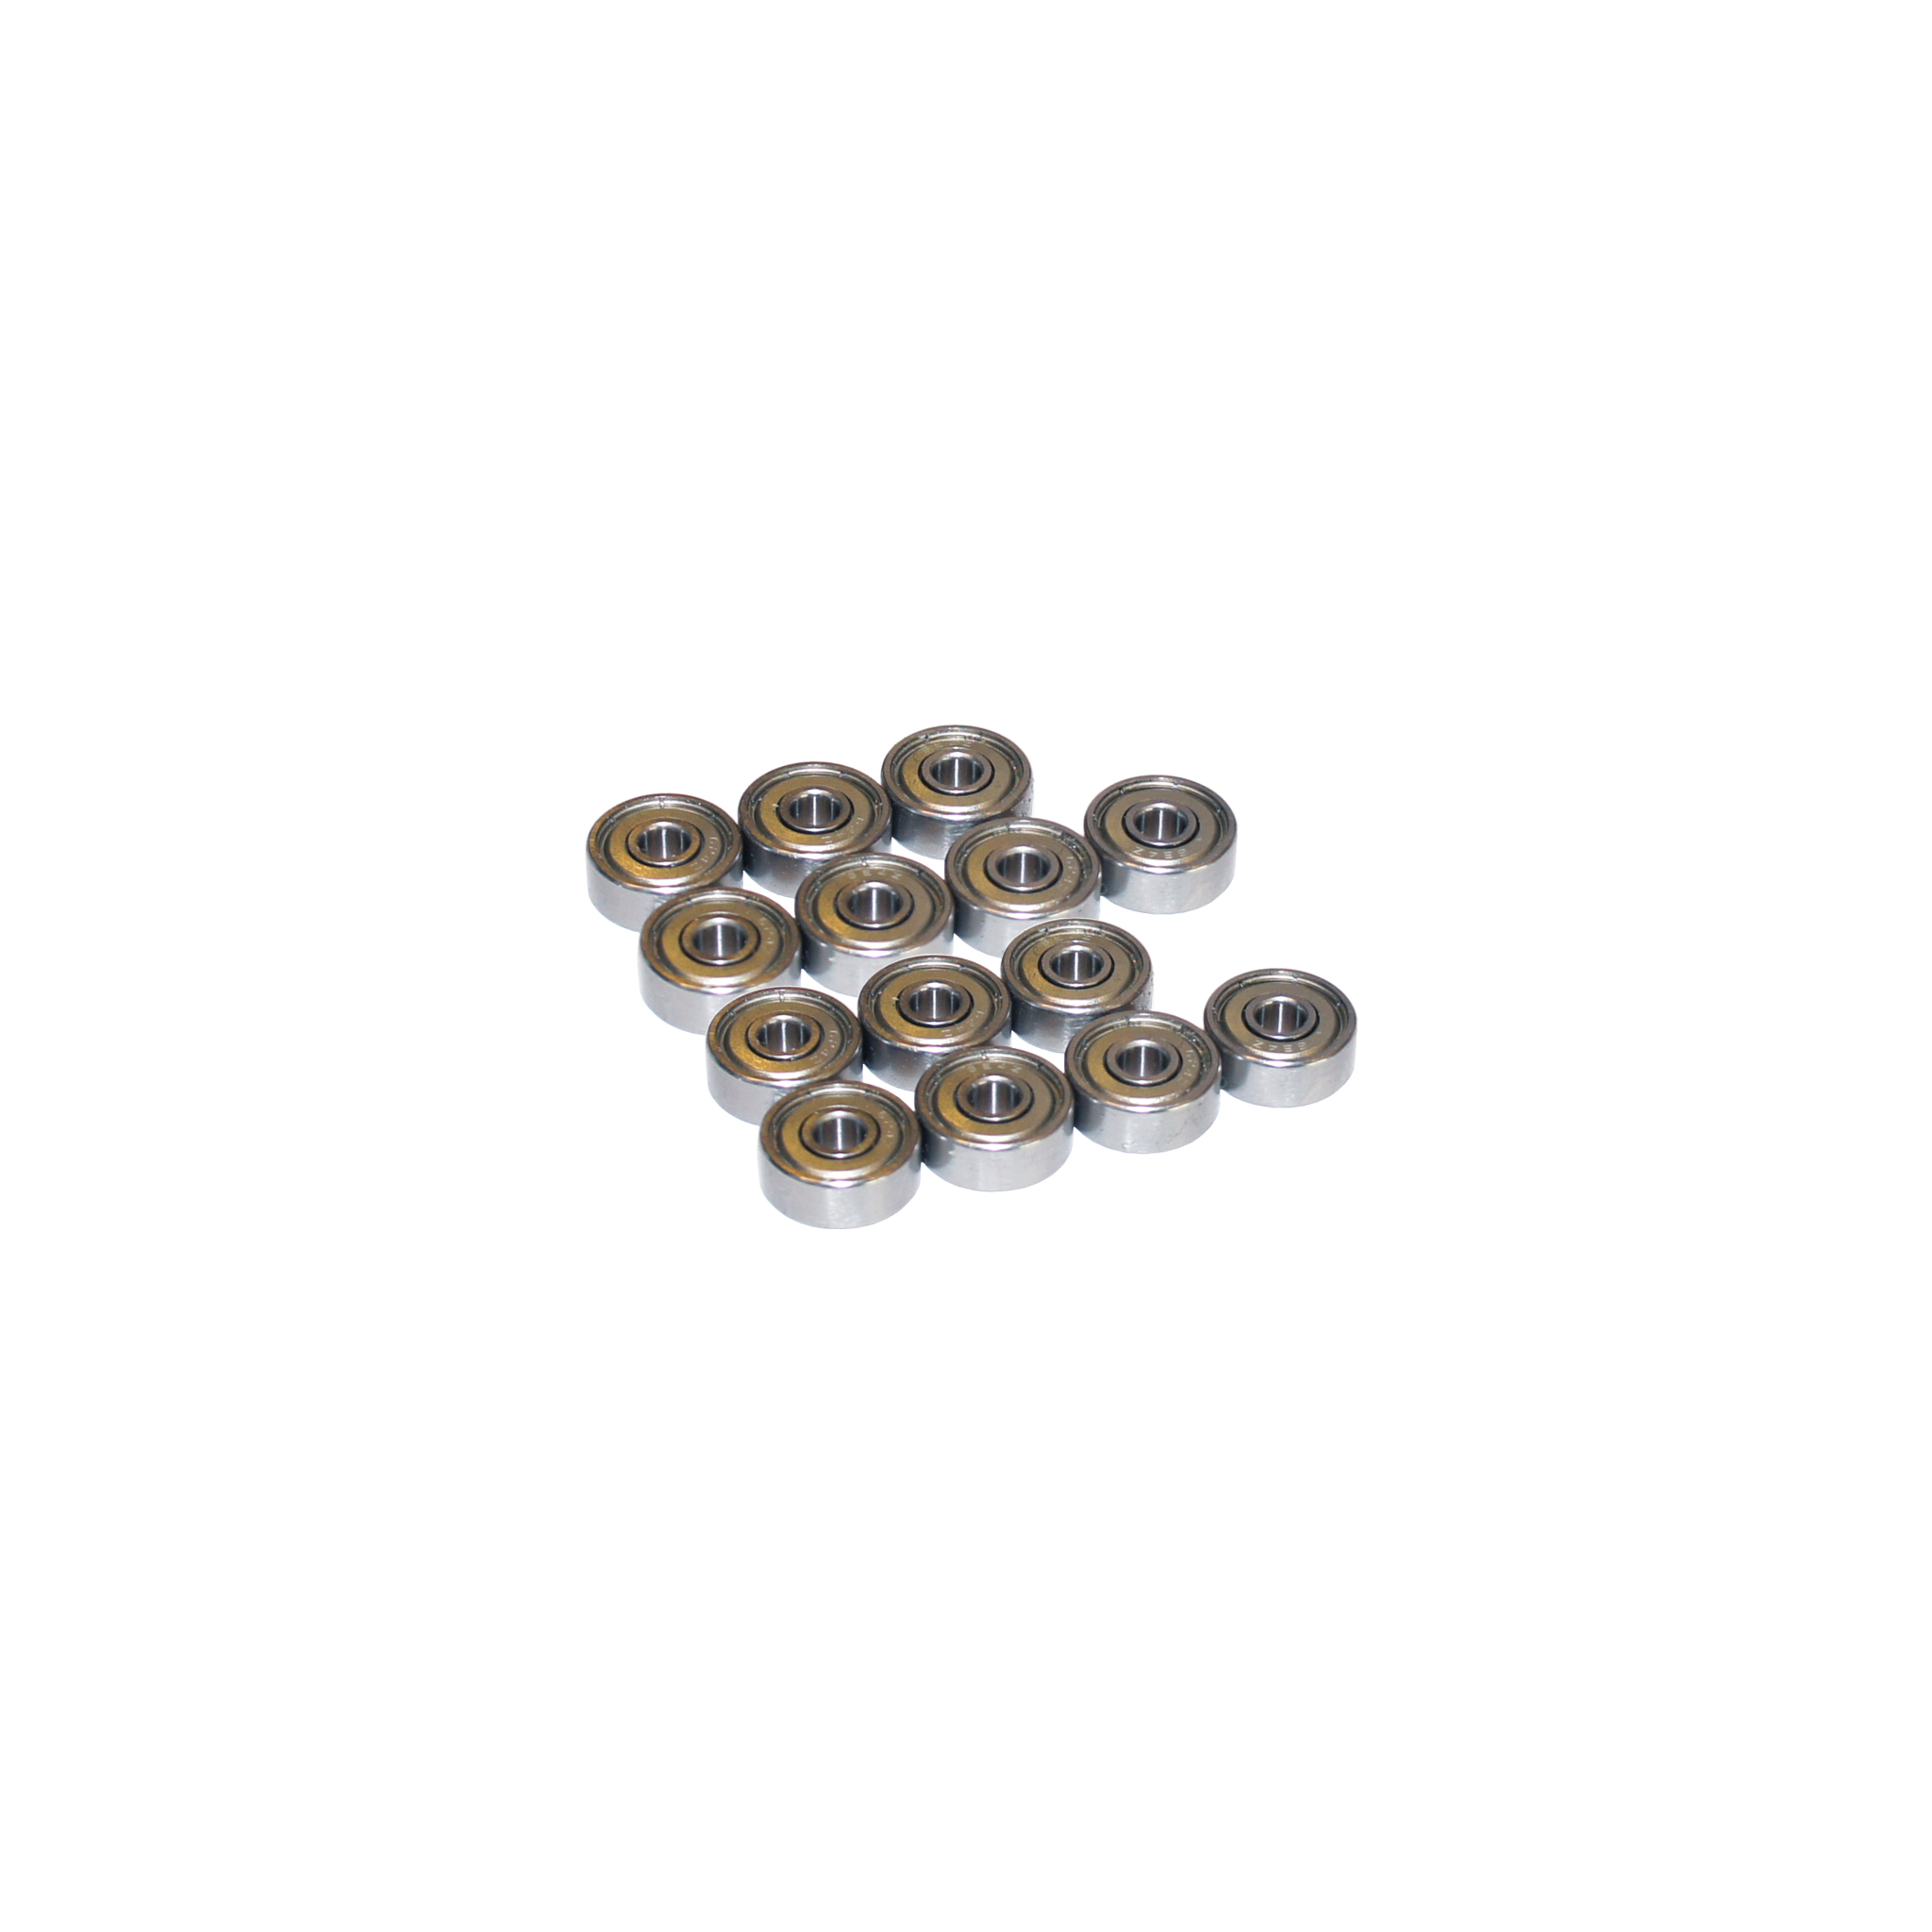 Ball bearings for the SSM TT-3